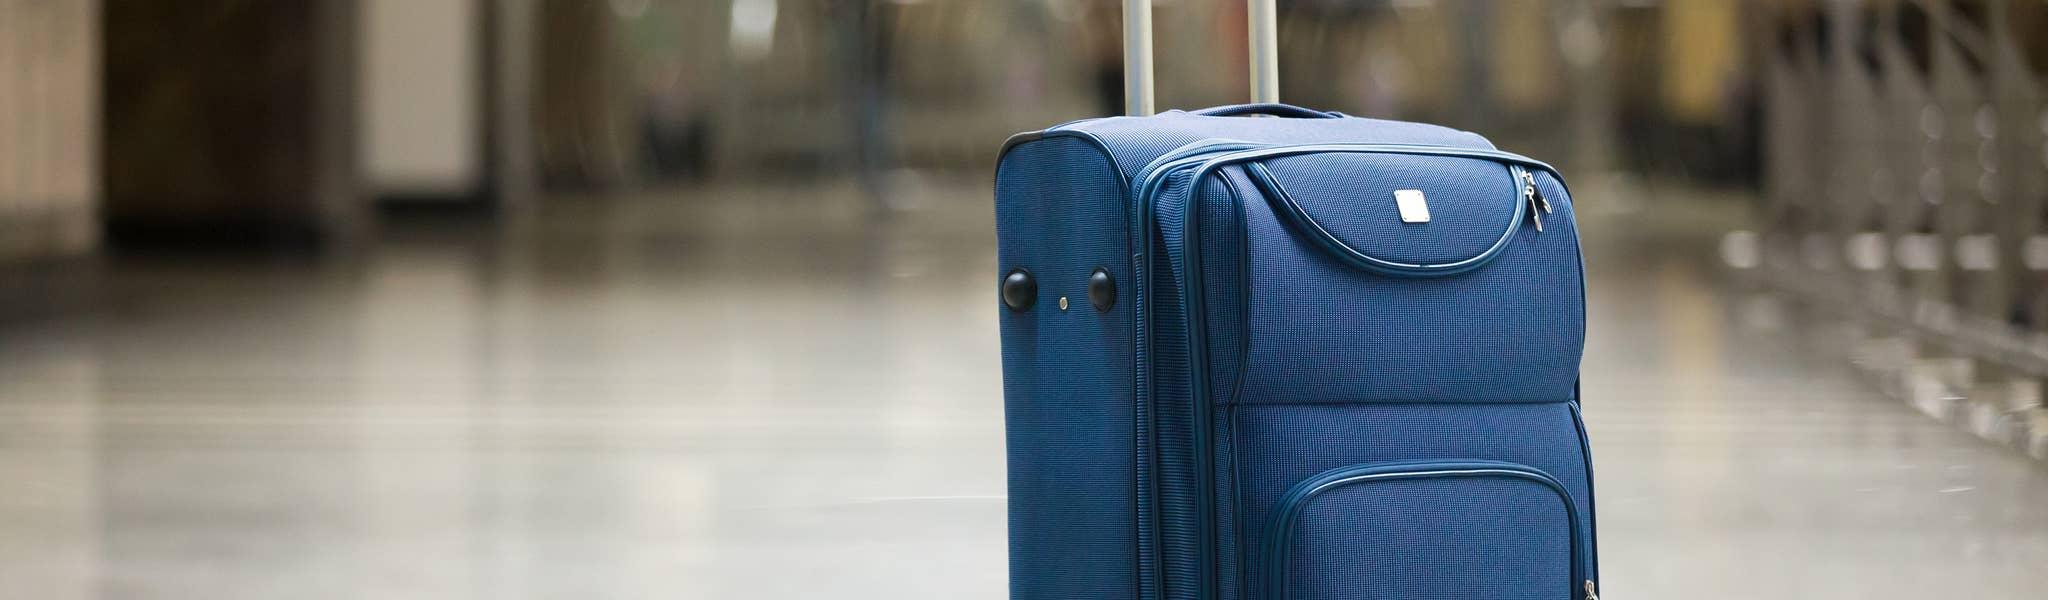 Delayed/Missing Baggage - Aer Lingus